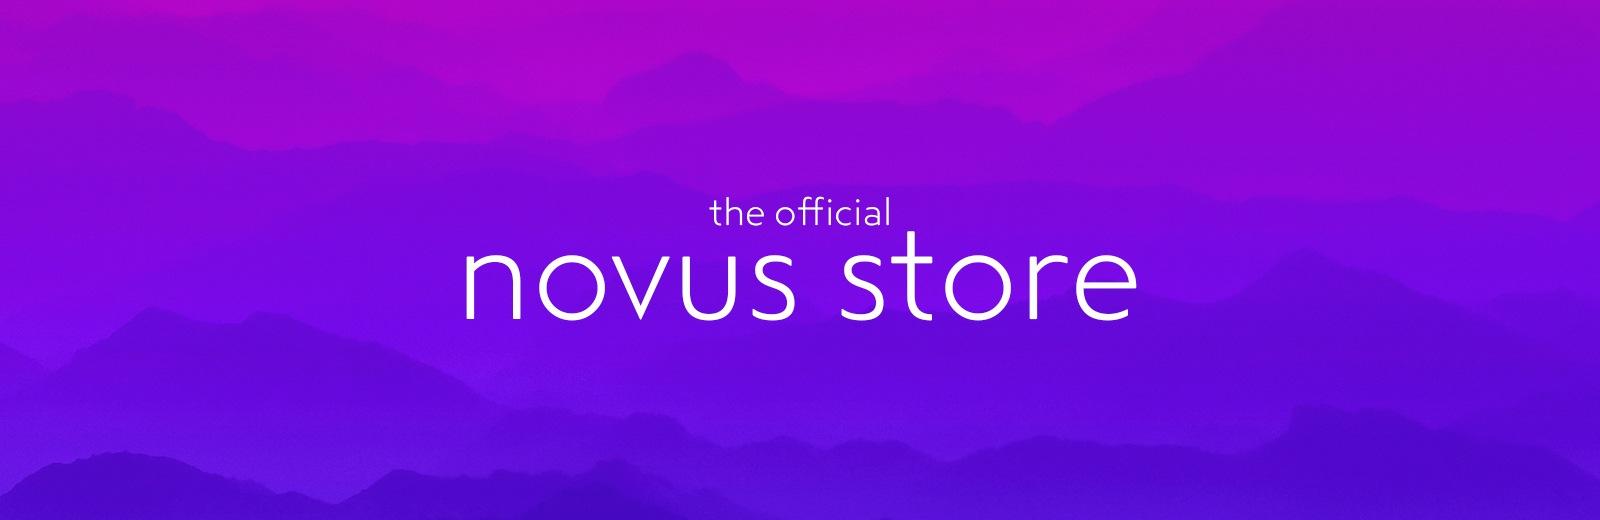 Novus Store Store